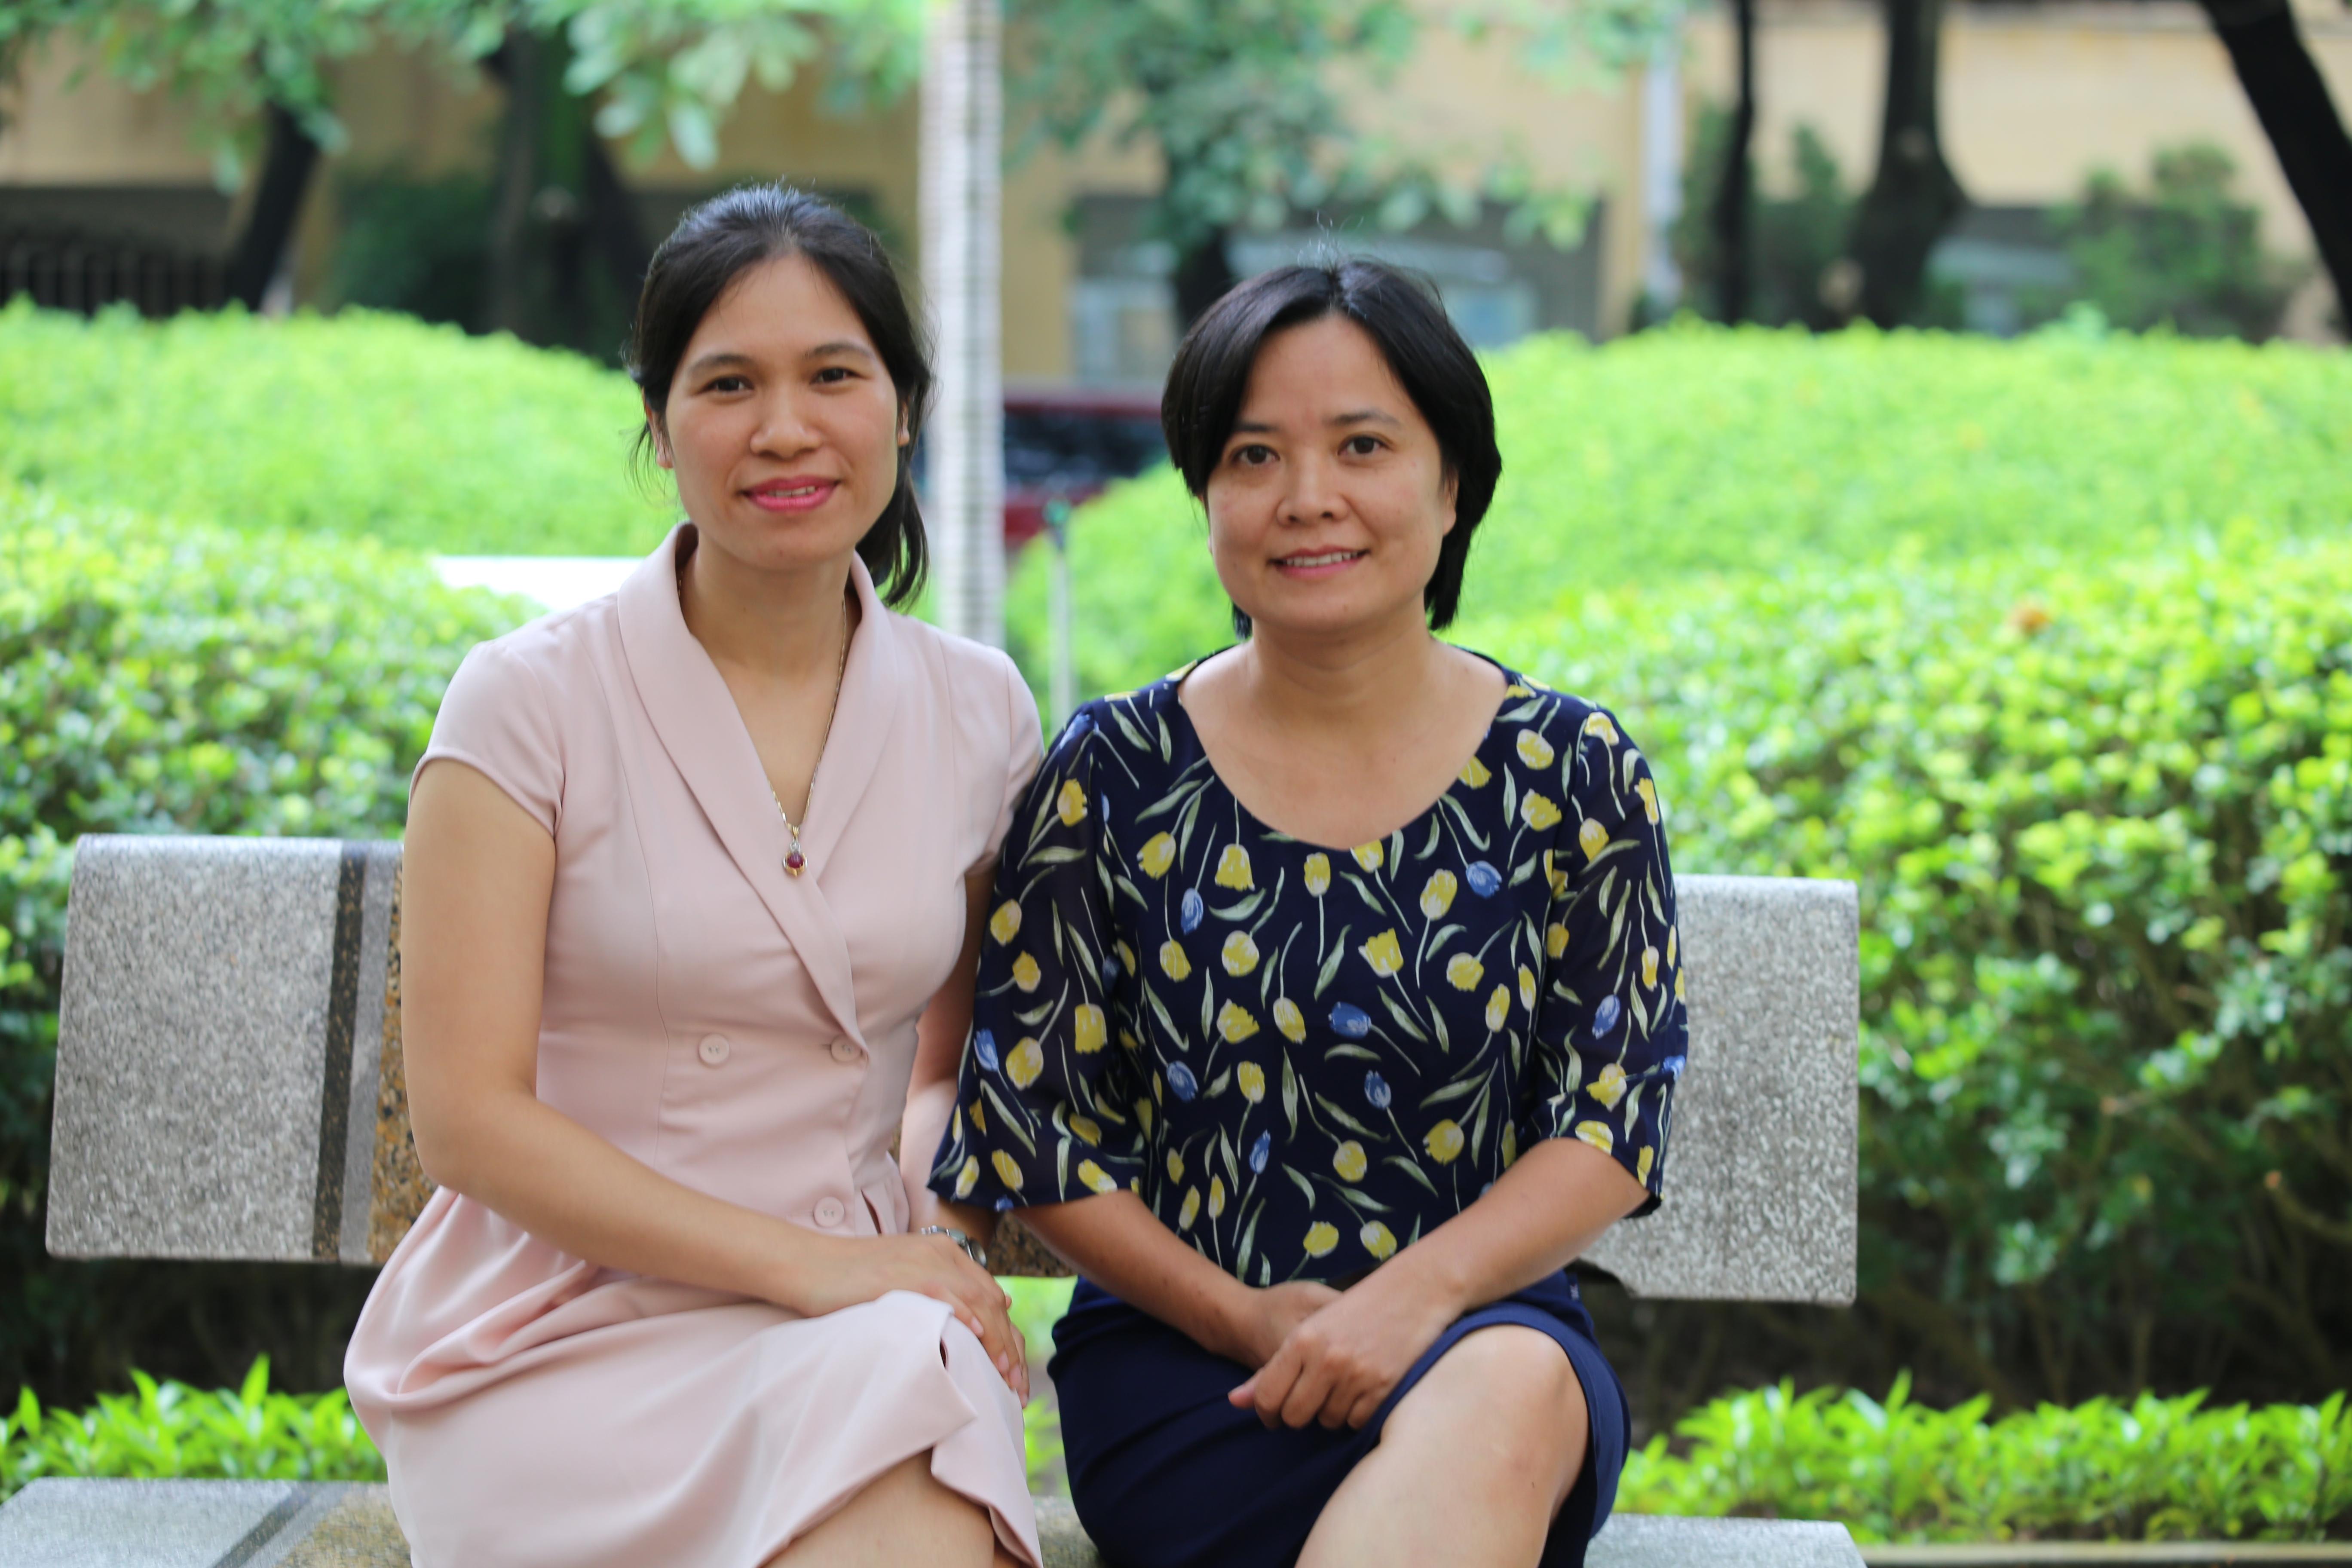 Chủ nhiệm đề tài TS. Hoàng Thị Thu Hương (trái) và thư ký đề tài TS. Vũ Kim Chi (phải). Ảnh: KH&PT